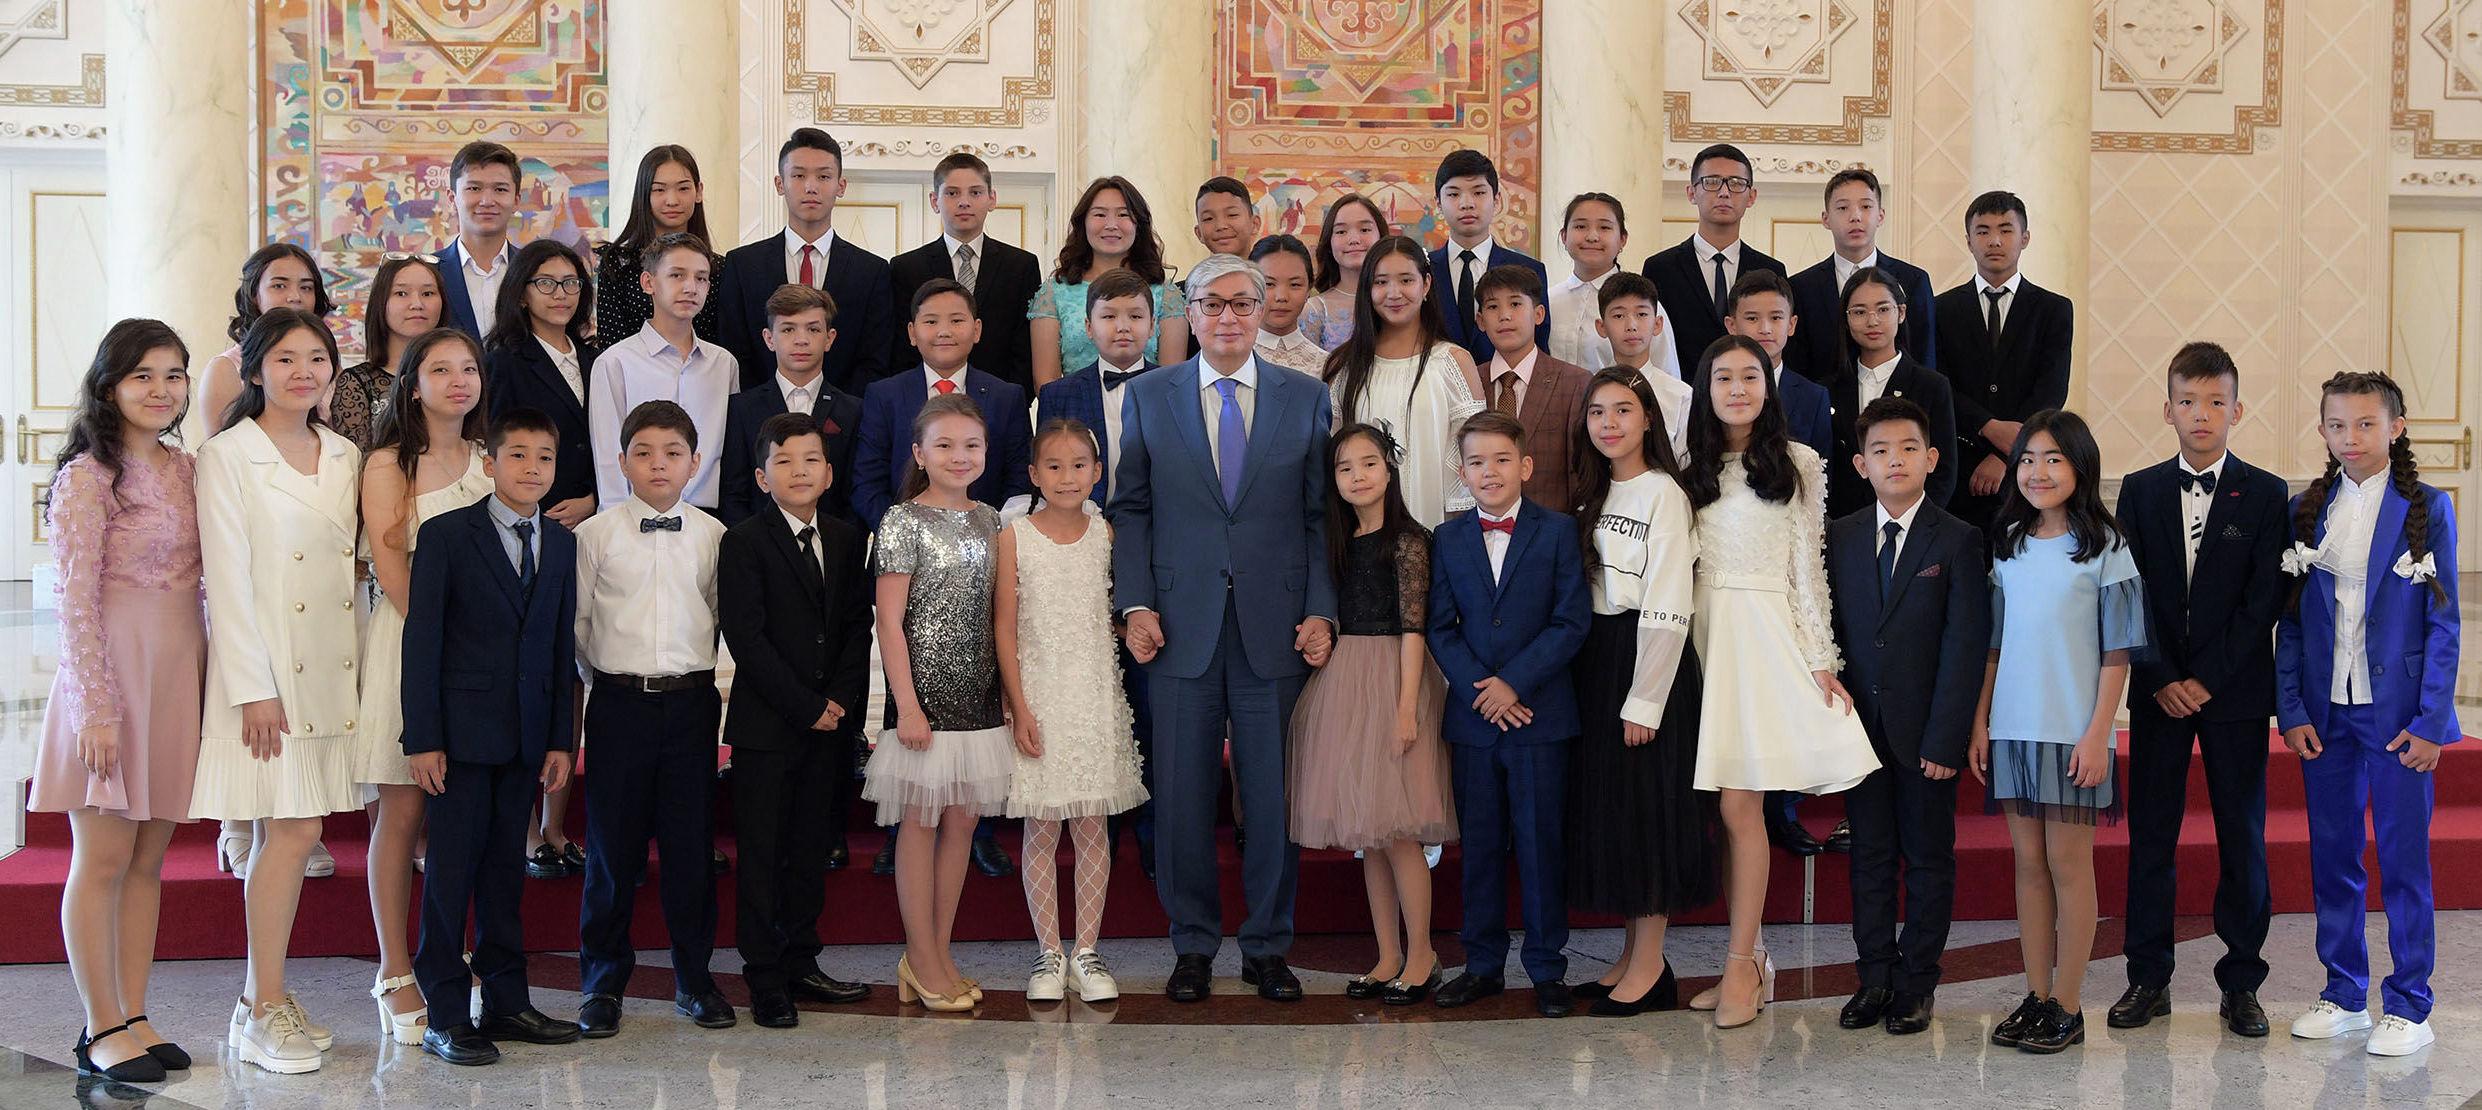 Касым-Жомарт Токаев на встрече с победителями международных и республиканских олимпиад